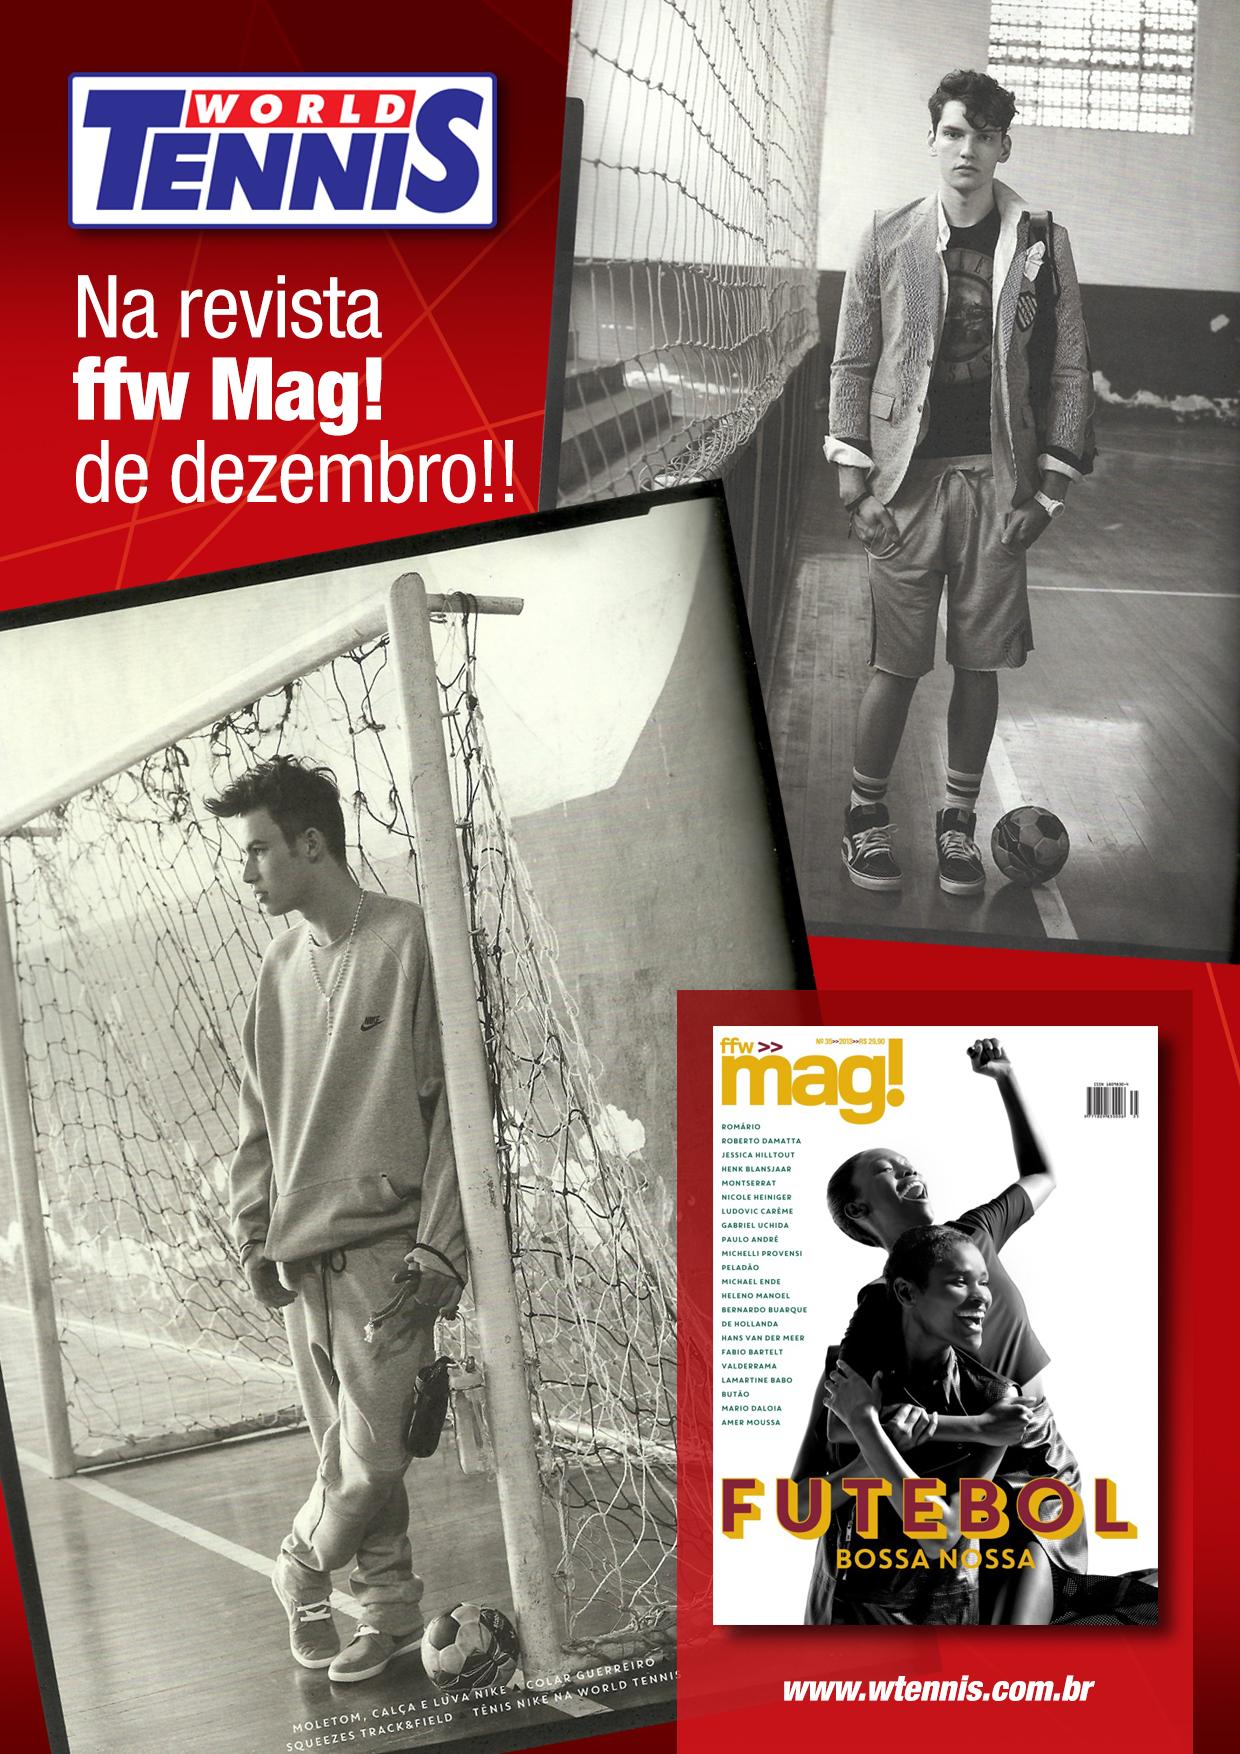 wt revista ffw mag dezembro